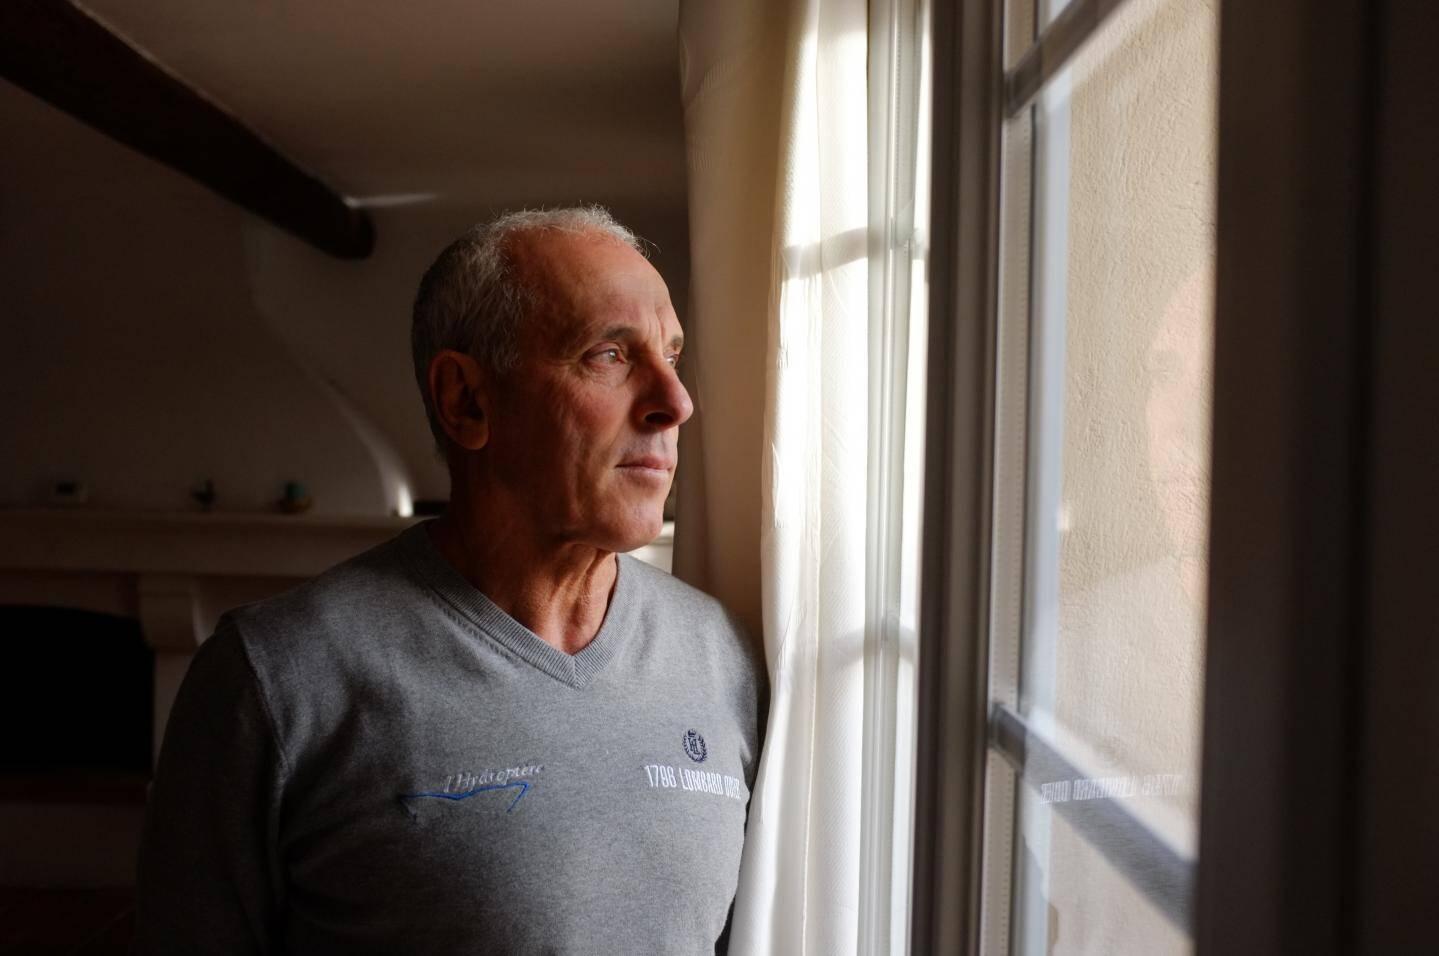 """Aujourd'hui retraité mais toujours passionné de voile, Gérard Navarin garde au sujet de son compère Alain Thébault le souvenir d'un """"homme attachant mais très dur à suivre"""""""